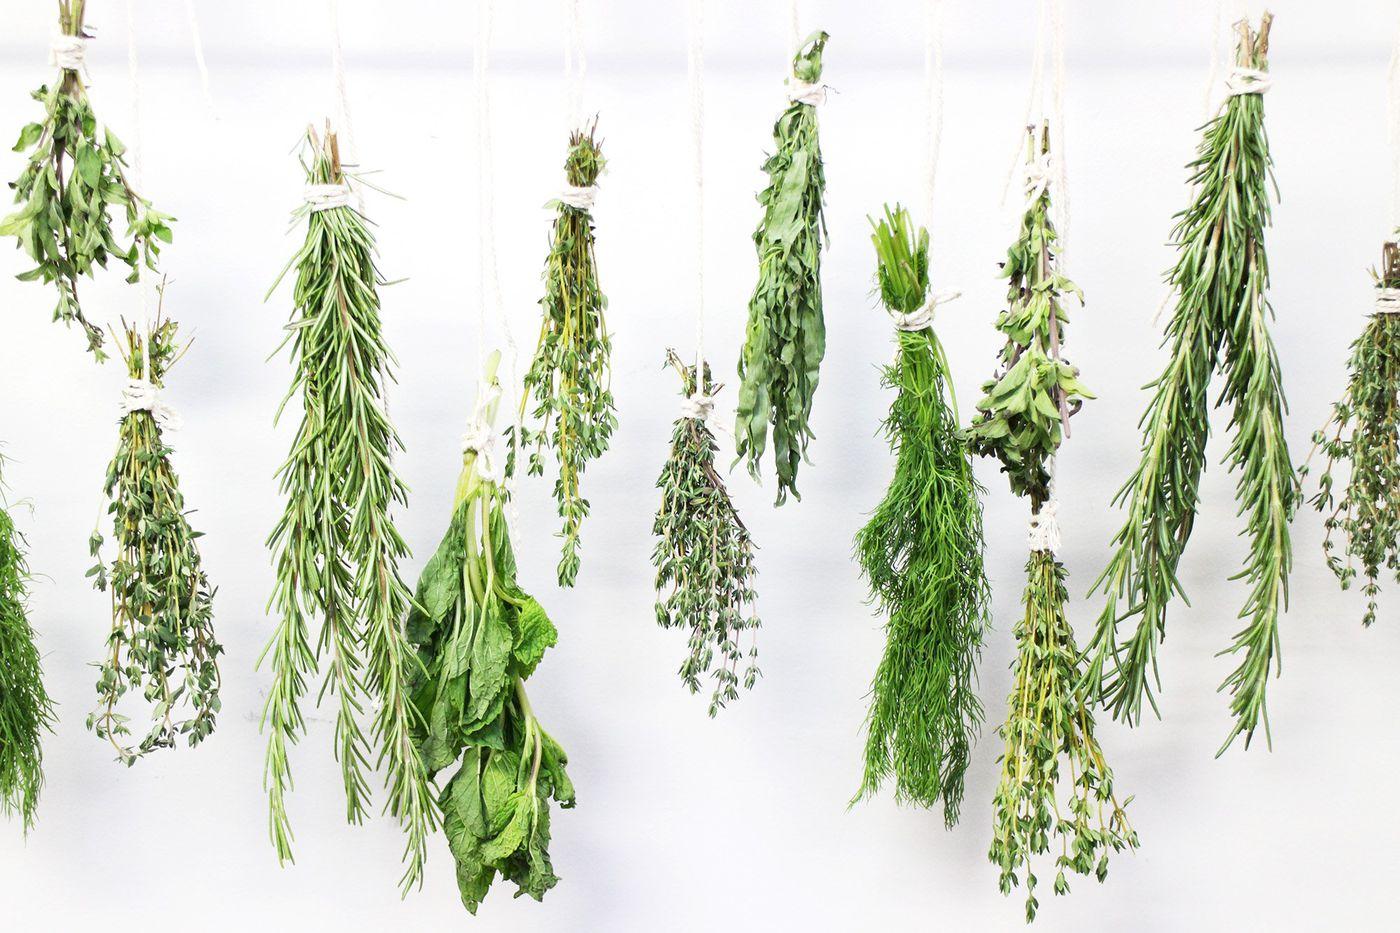 Air Drying: Herbs